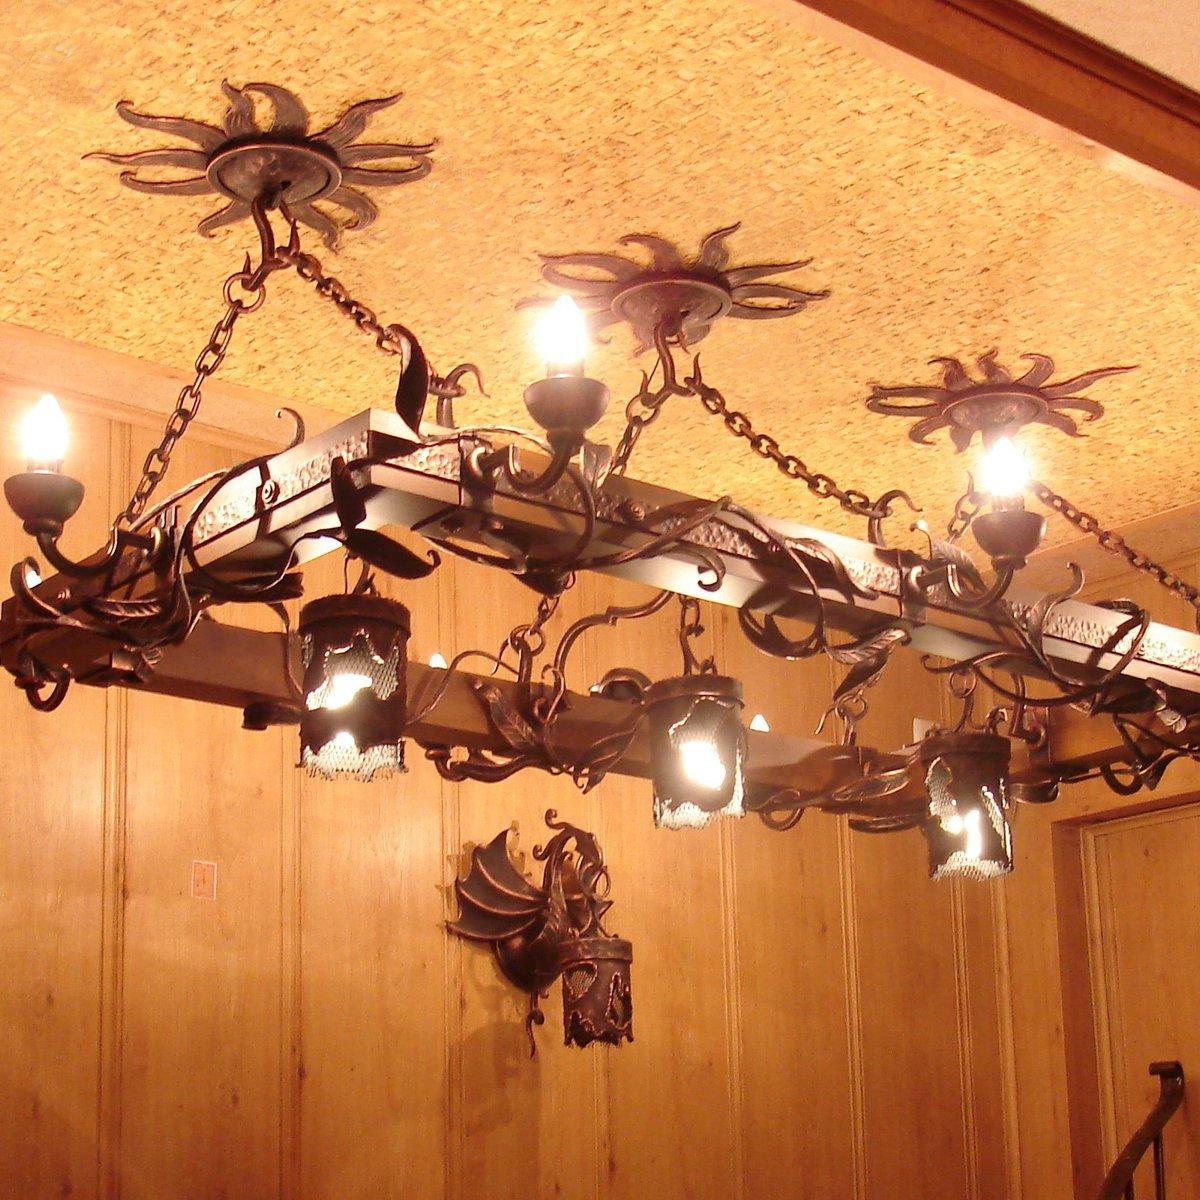 Дизайнерские люстры из металла низкие цены, доставка на дом